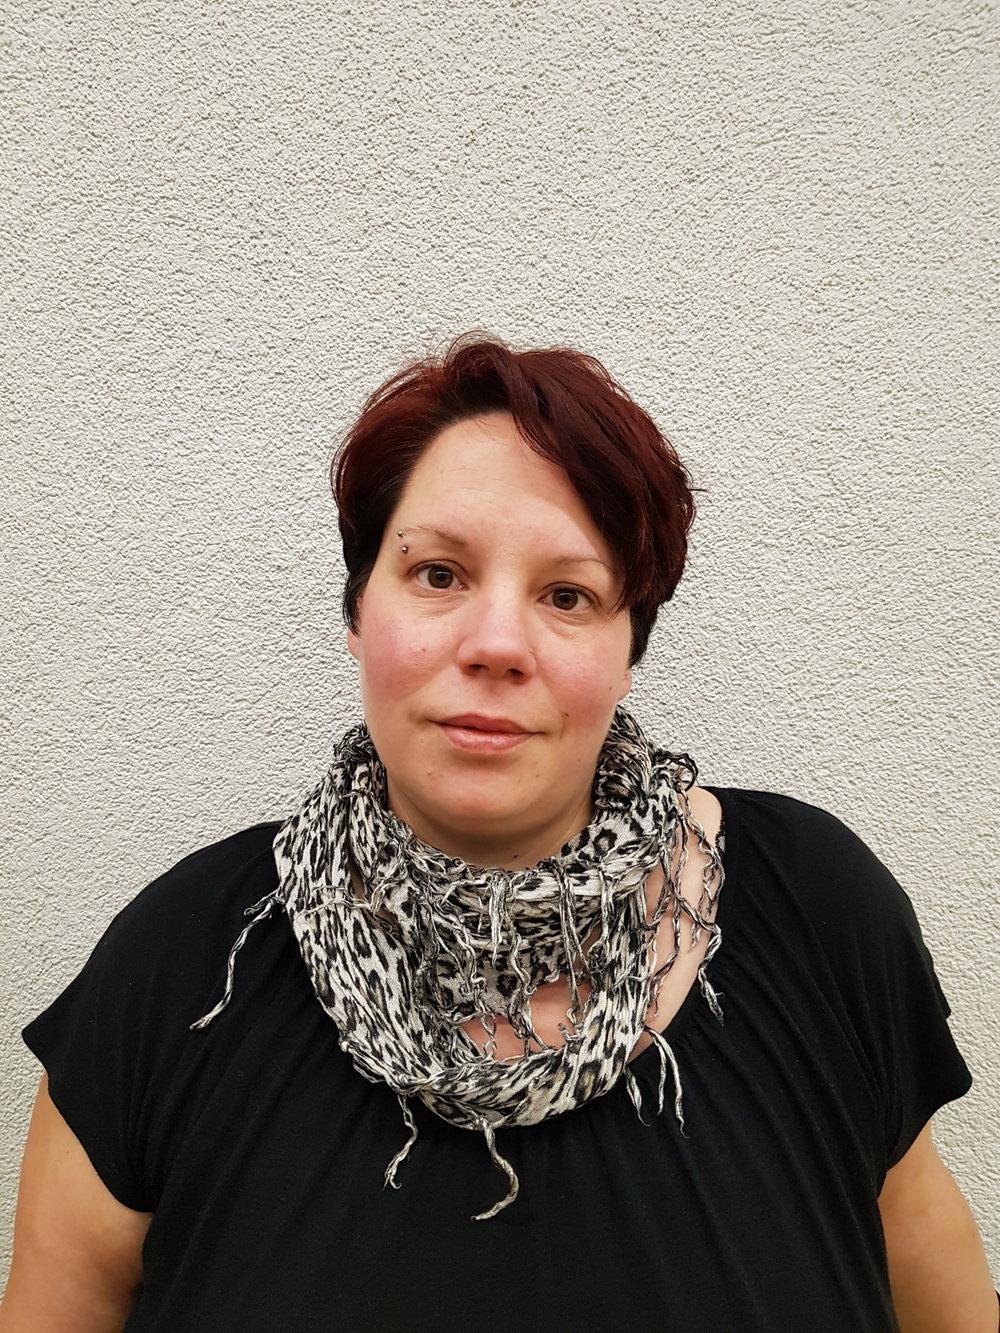 Jolanda Scheidegger, BE